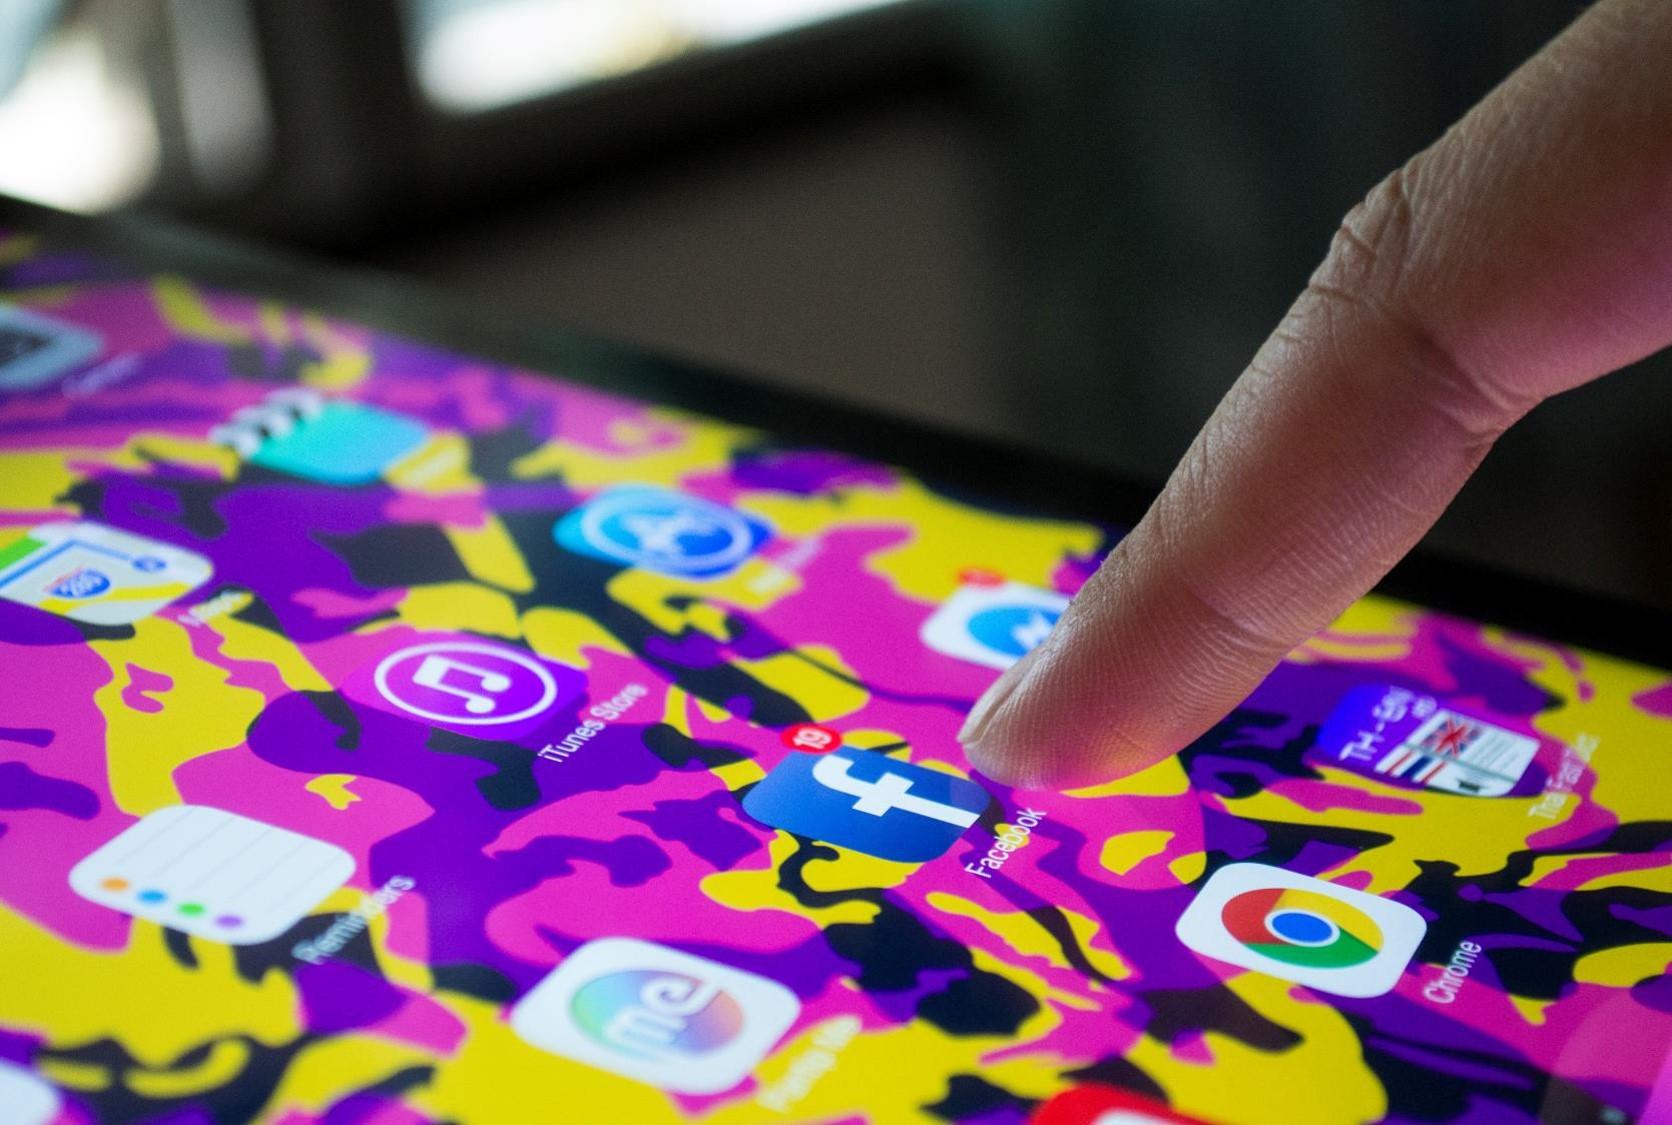 global-network-social-media